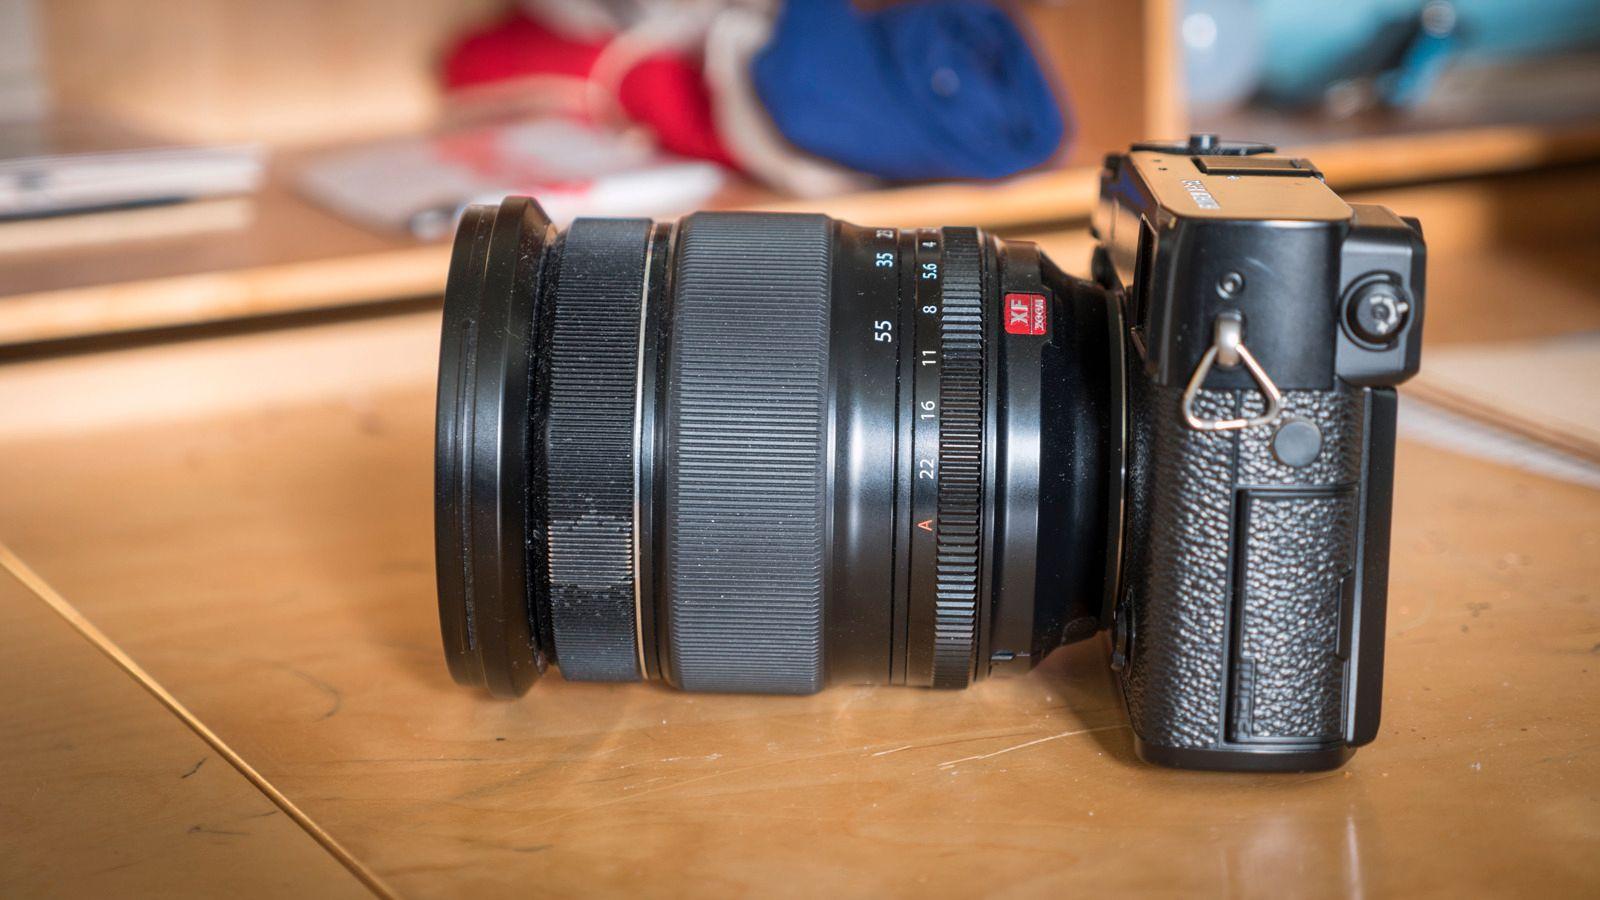 Vi ba selvsagt om å få låne Fujifilms beste proffoptikk, og disse objektivene er så store at man mister litt av fordelen med en ellers kompakt kamerakropp. Men som du kan se med å følge denne linken til Camerasize.com, er det fortsatt mye kompakthet å hente sammenlignet med fullformat